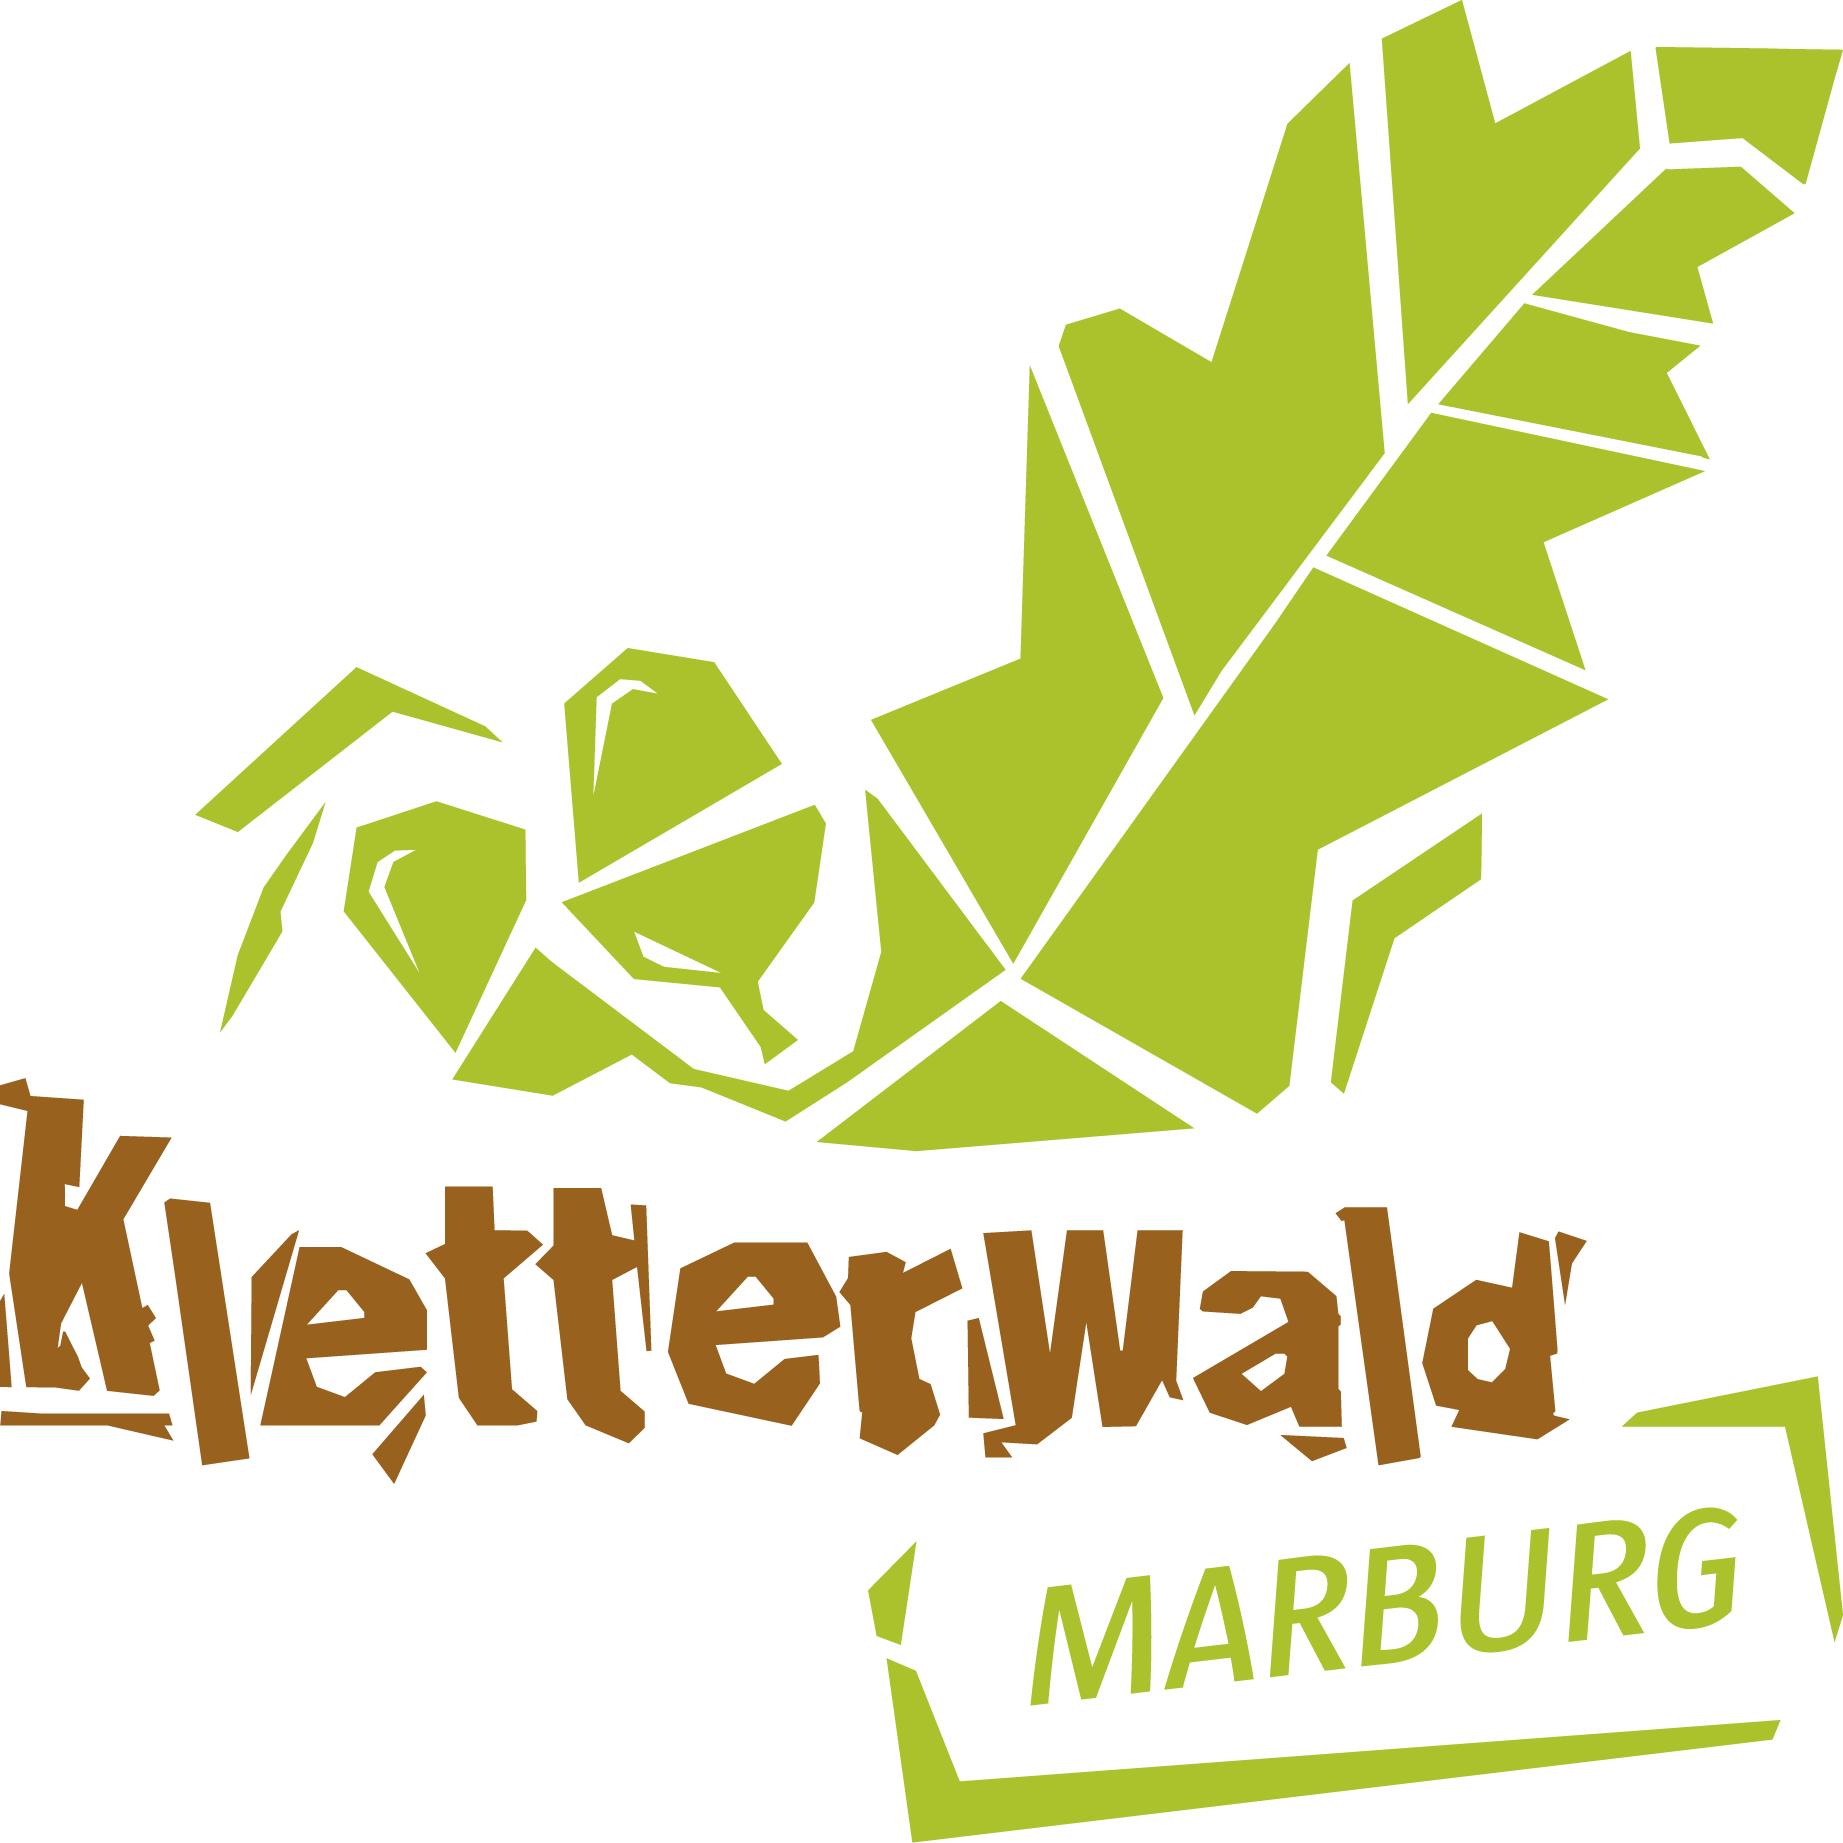 Kletterwald Marburg Logo